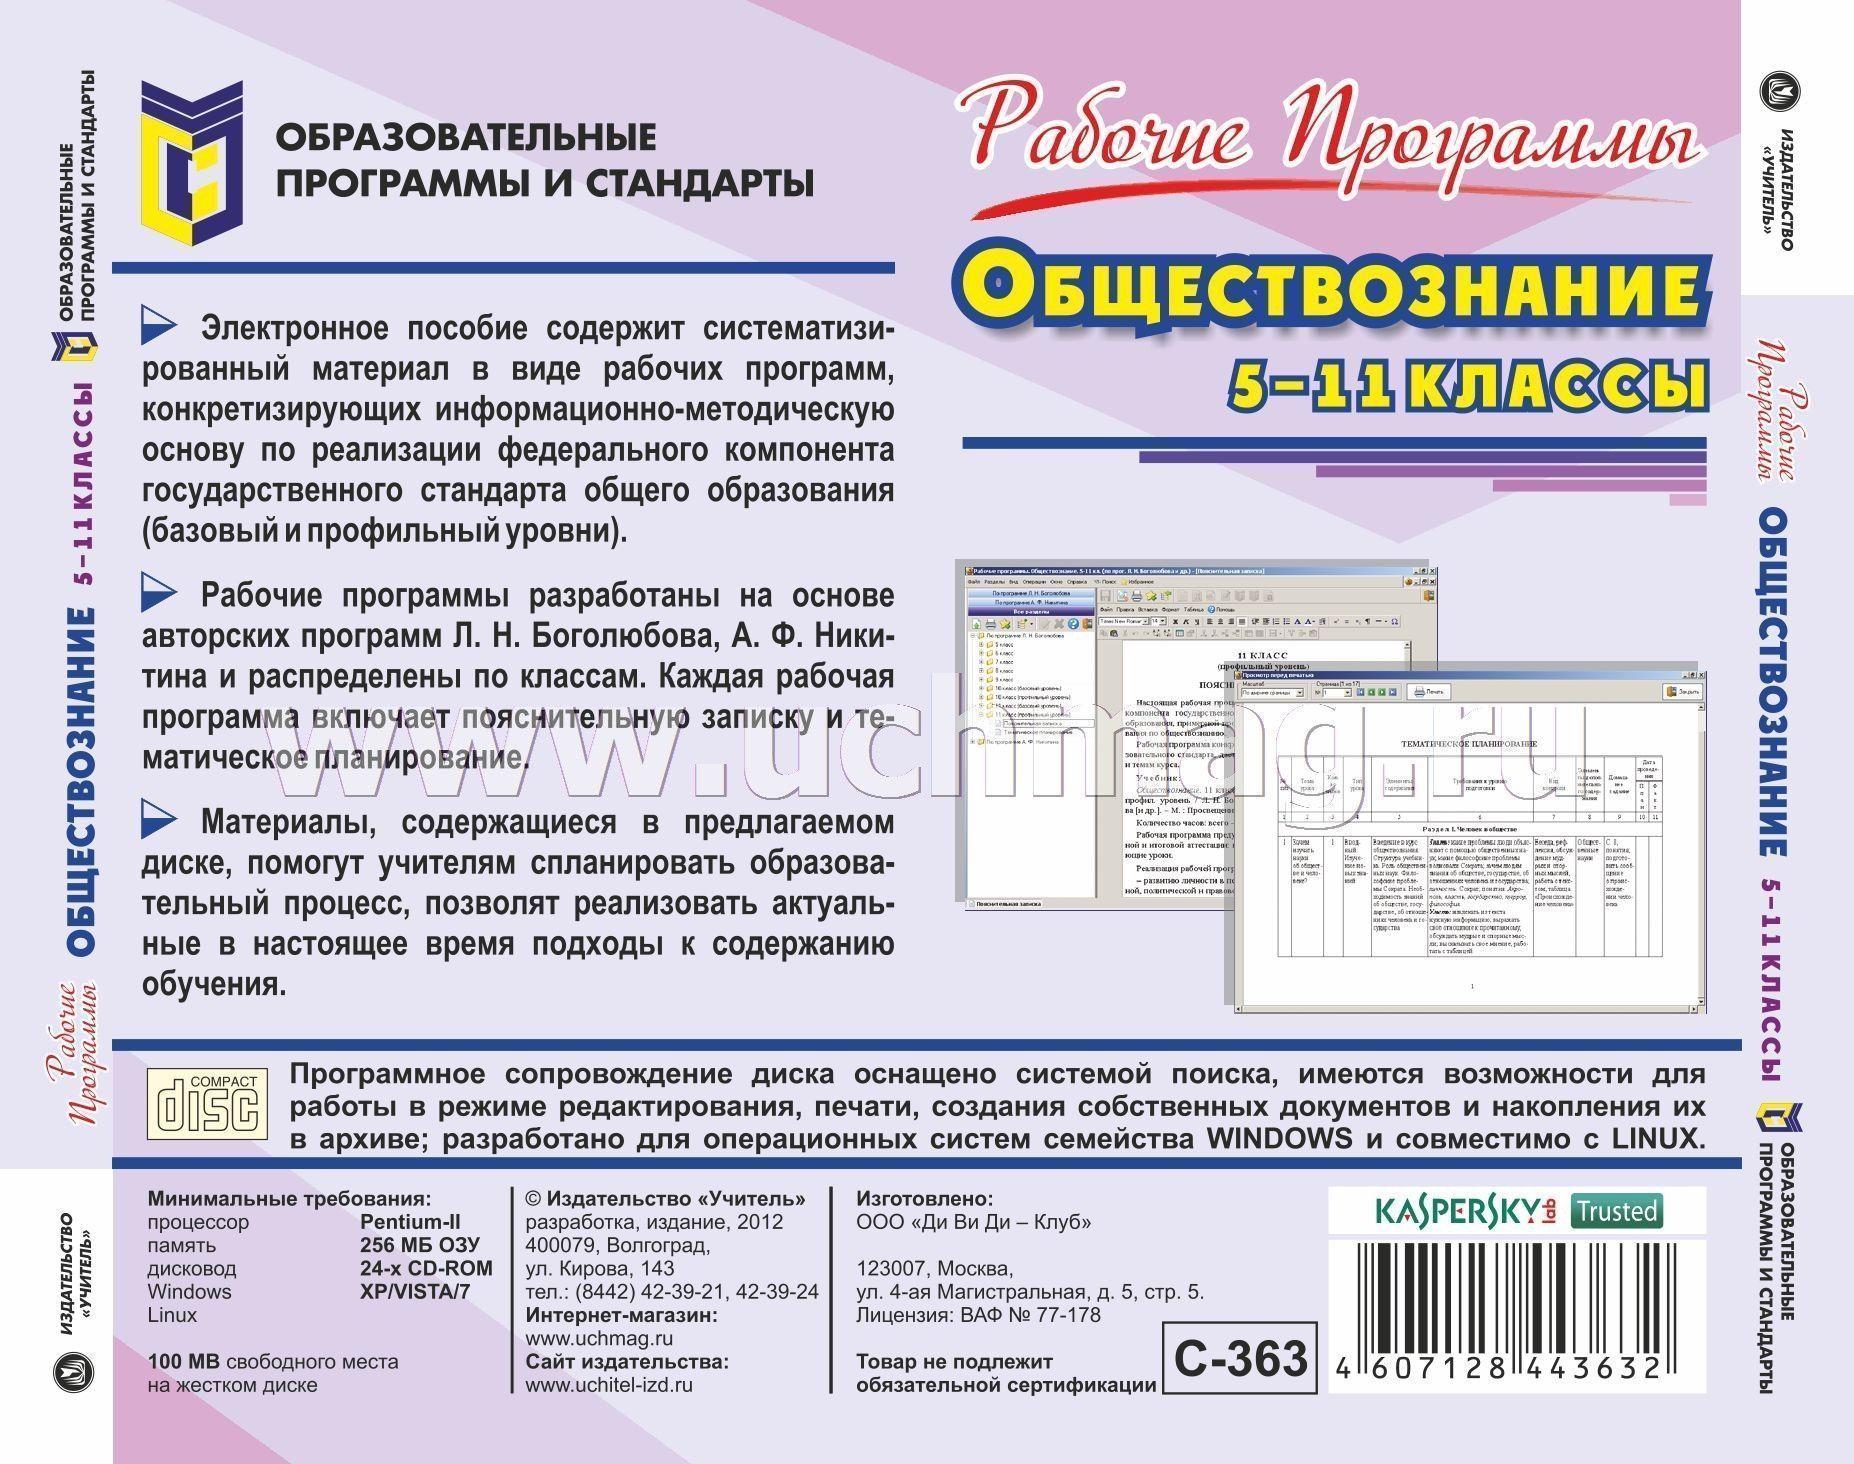 Содержание программы по обществознанию для 6-9 классов под редакцией кравченко